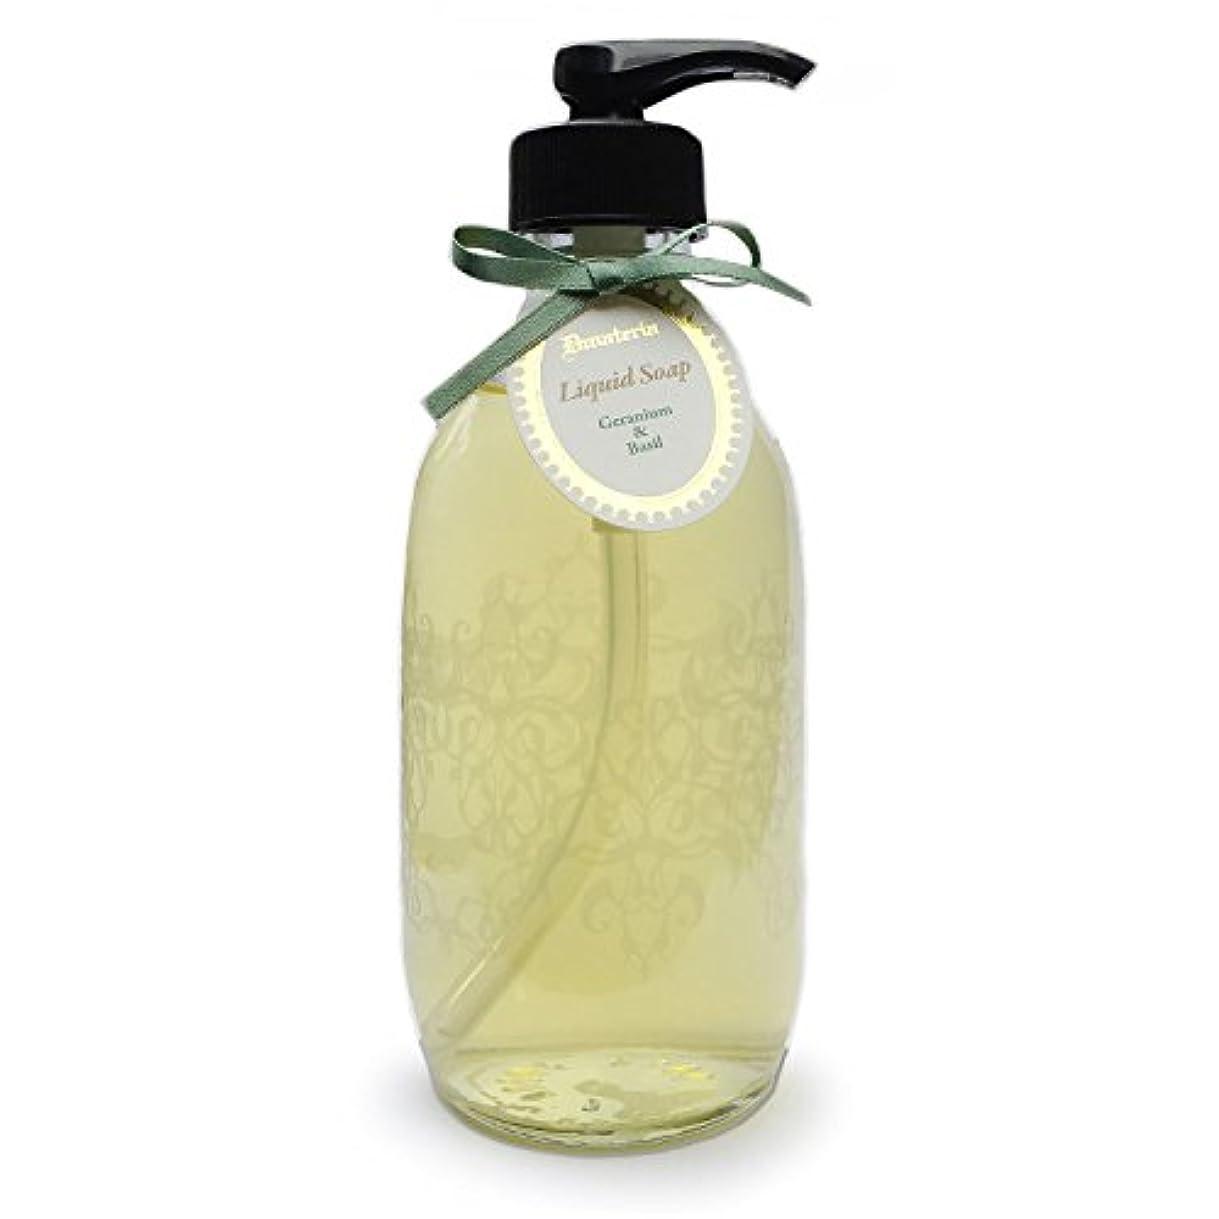 耕す誓約意識D materia リキッドソープ ゼラニウム&バジル Geranium&Basil Liquid Soap ディーマテリア